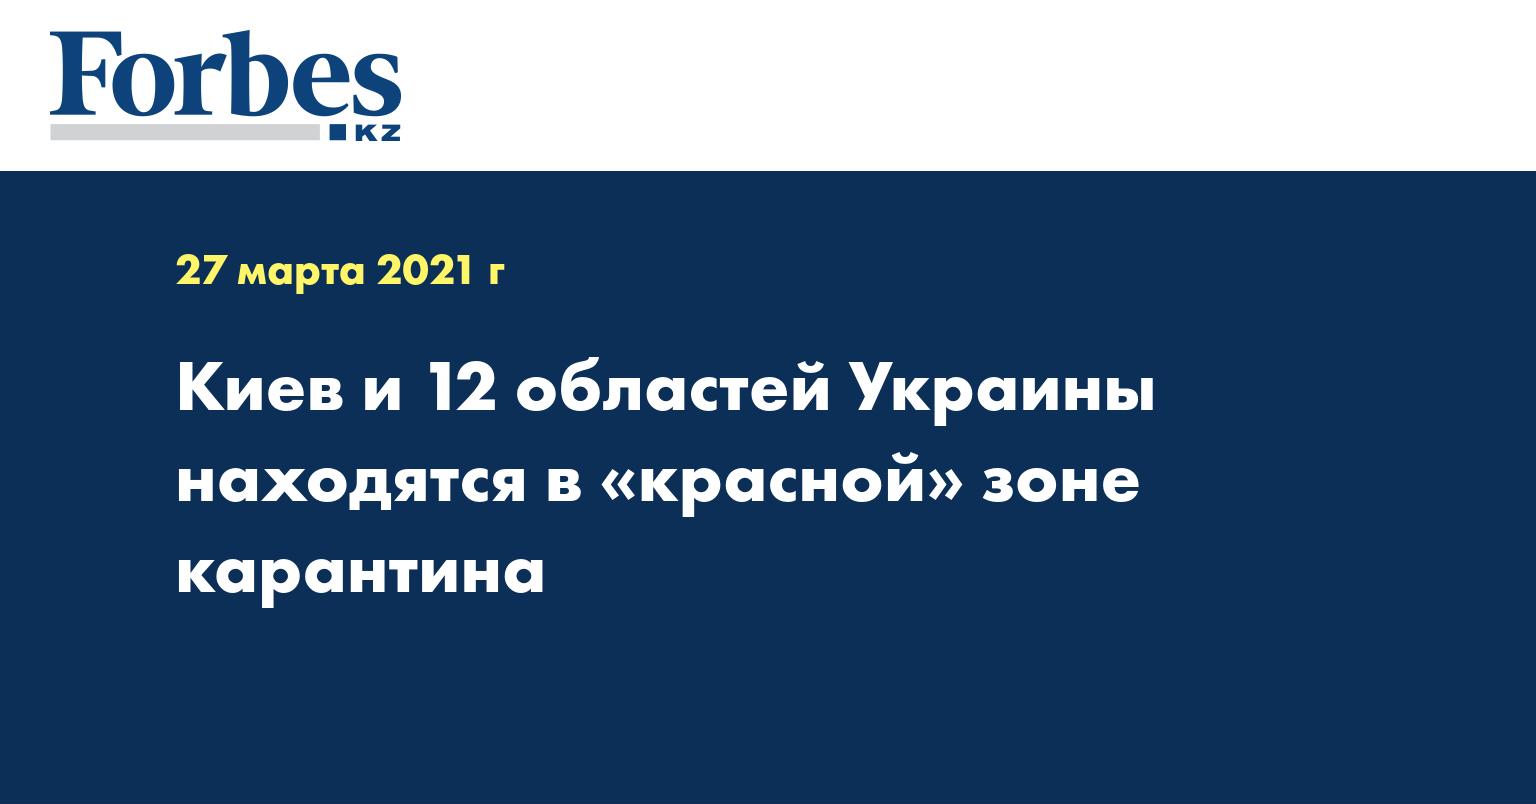 Киев и 12 областей Украины находятся в «красной» зоне карантина